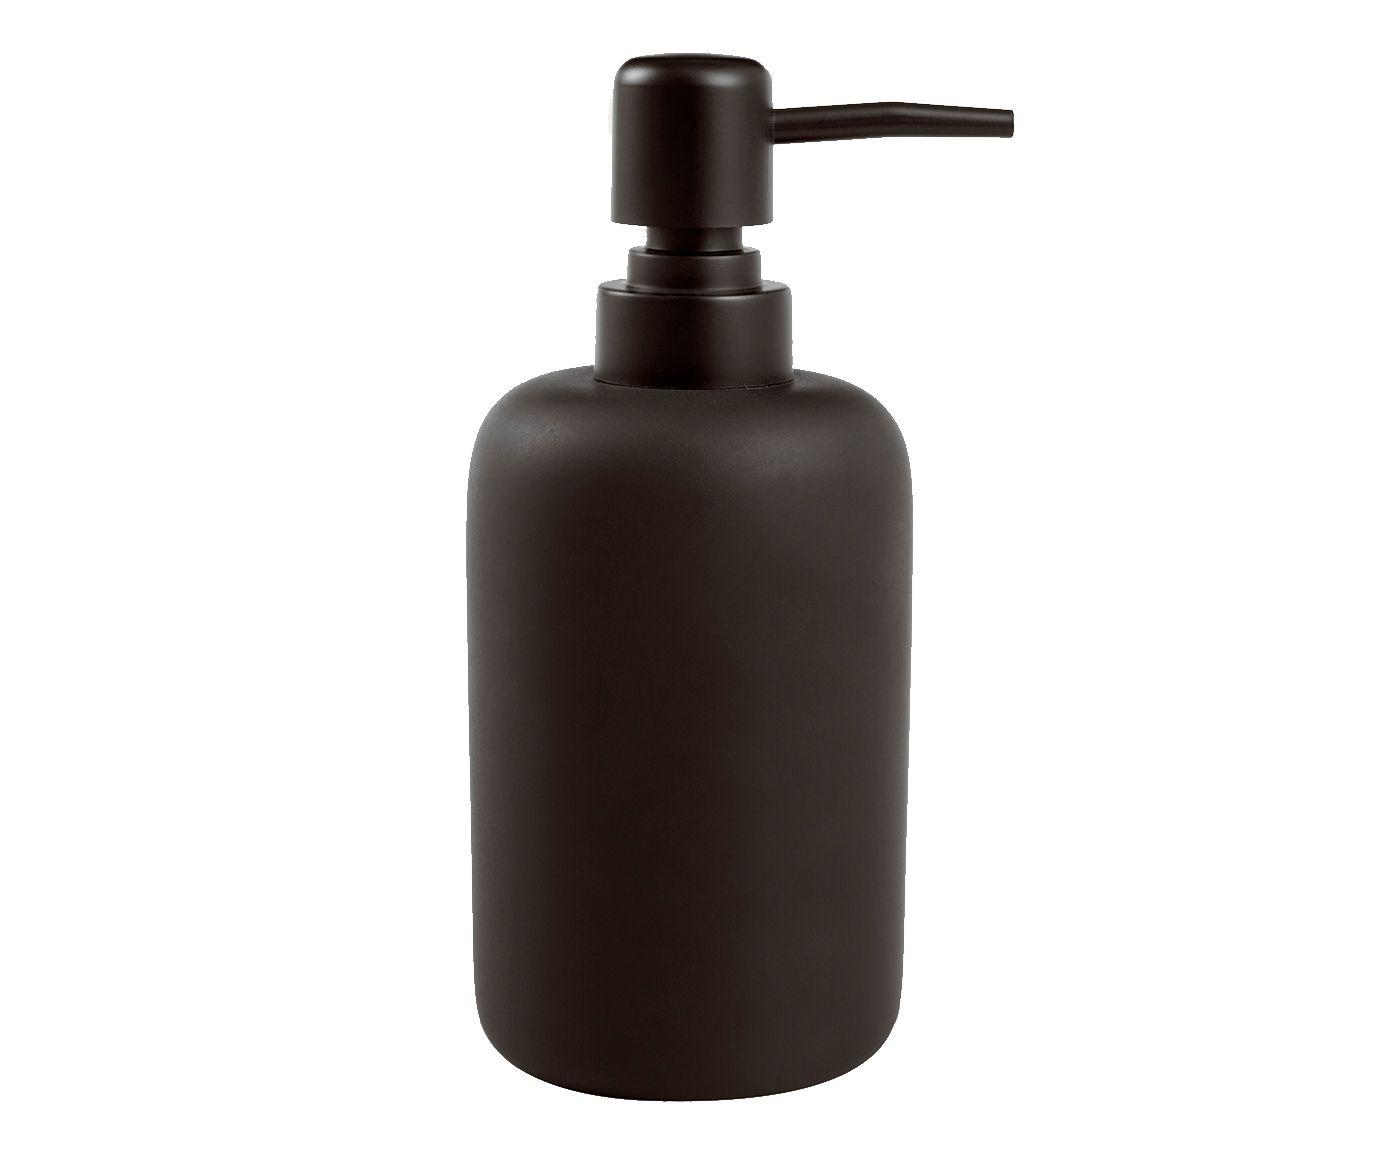 Dispenser para Sabonete Líquido Ata - 7,5cm   Westwing.com.br